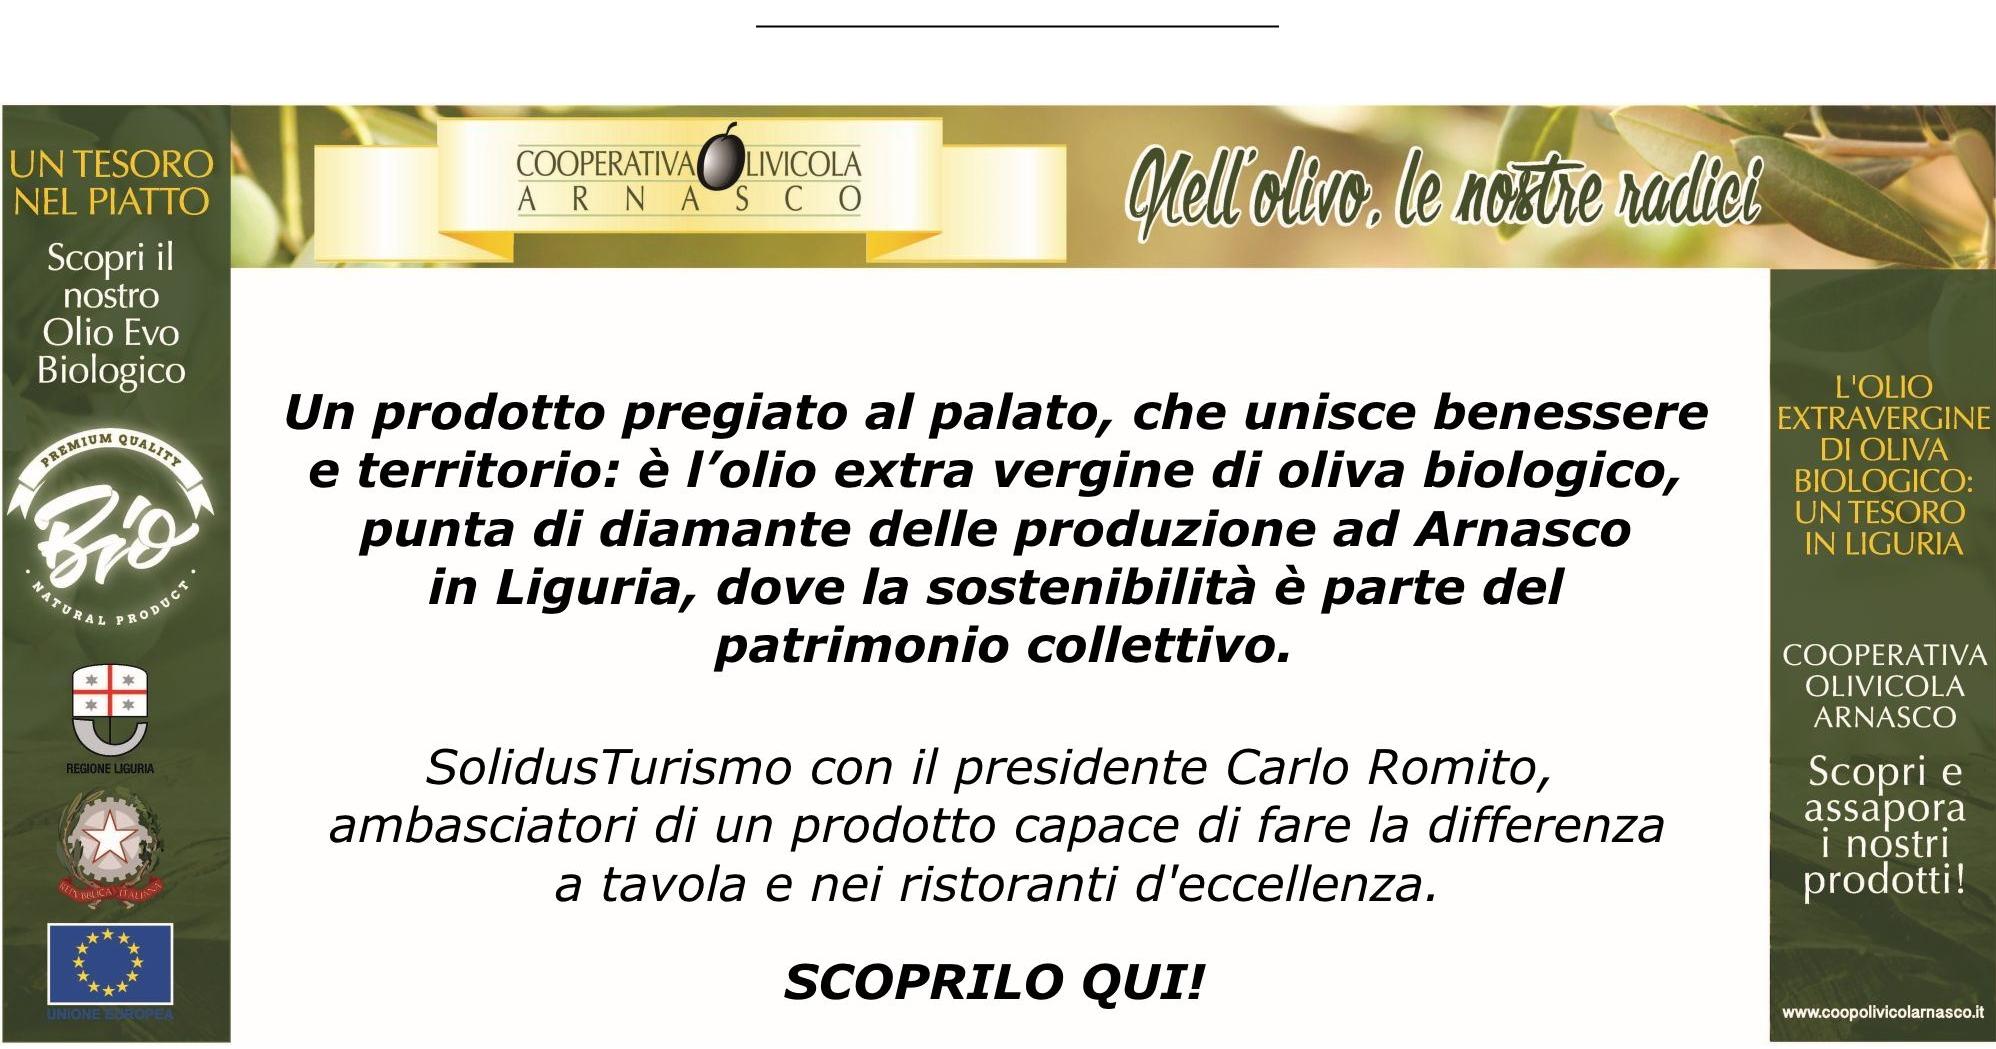 Coop Olivicola Arnasco: olio extra-vergine biologico